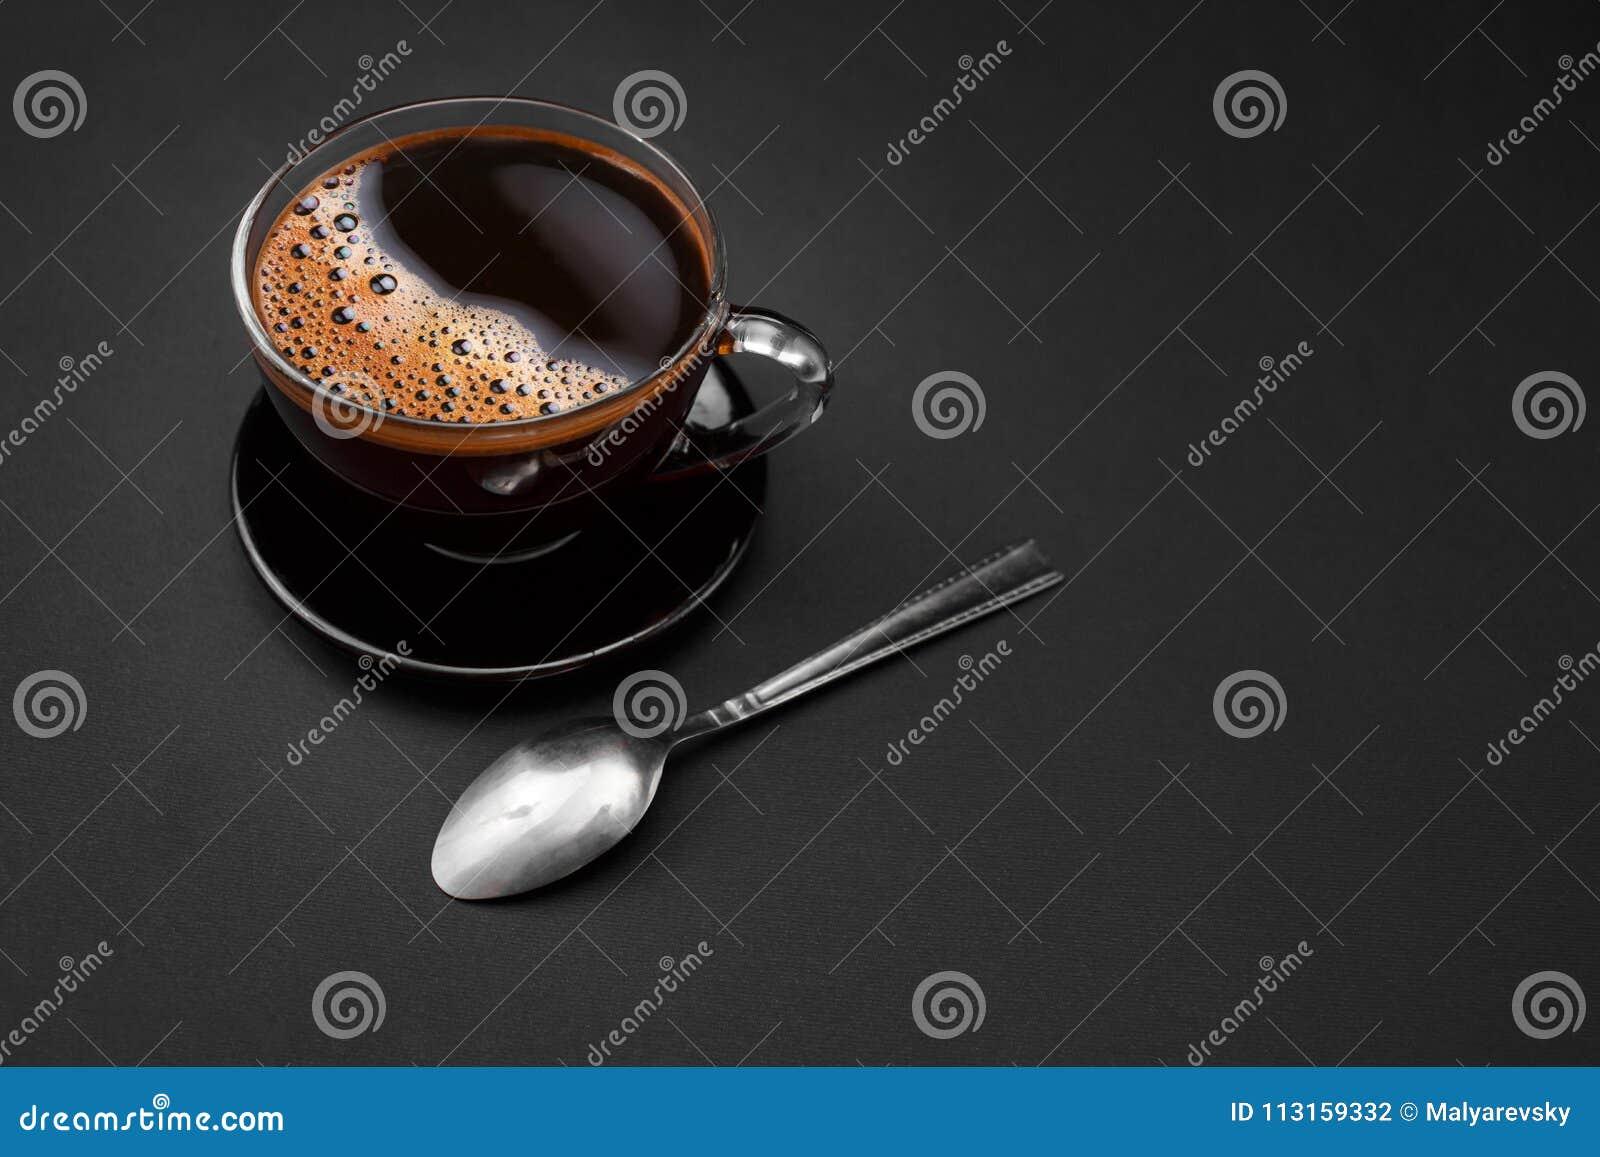 Μαύρος, φυσικός, ευώδης καφές στο διαφανές φλυτζάνι σε ένα μαύρο υπόβαθρο